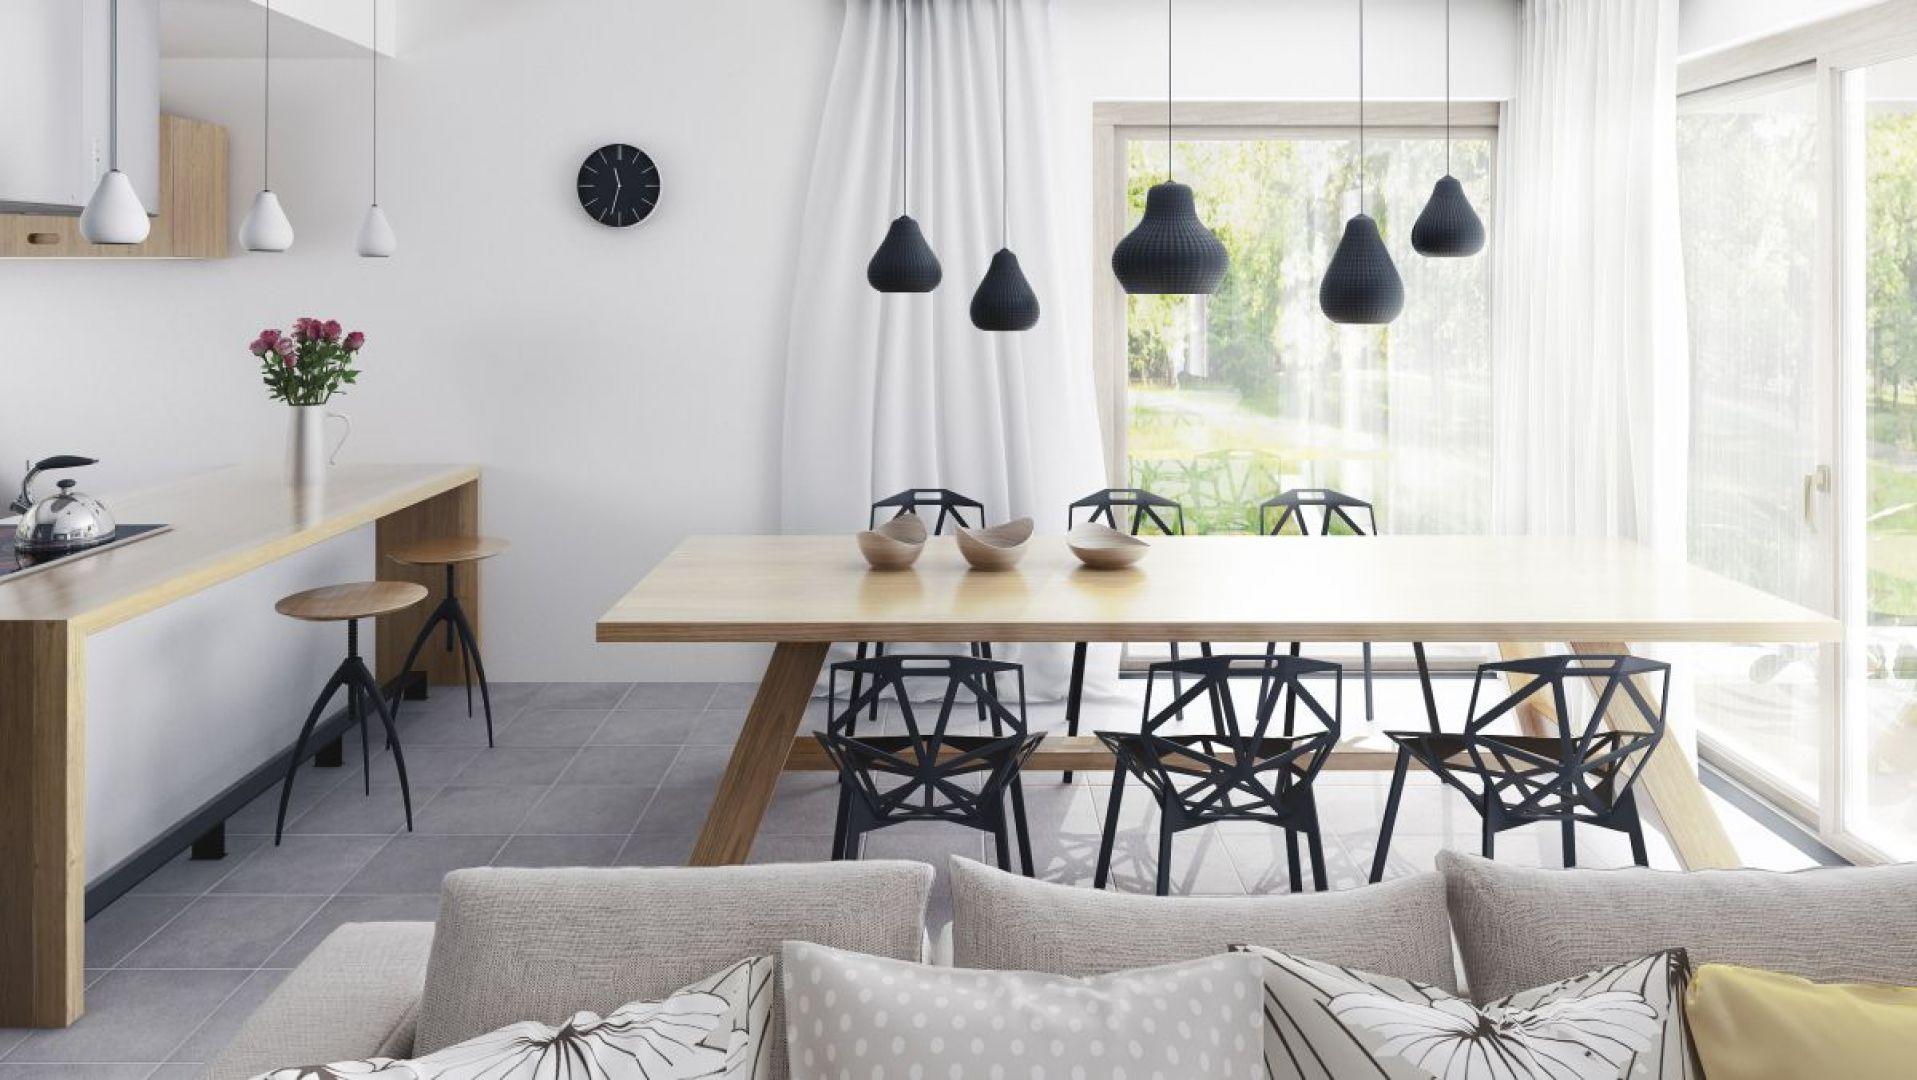 """Jadalnia to najjaśniejszy punkt strefy dziennej. Usytuowana w przeszklonym narożniku """"zaprasza"""" do rodzinnego spędzania czasu. Akcentem kontrastującym są tu nowoczesne elementy wyposażenia – nowoczesne krzesła, czarne i białe lampy. Fot. Dobre Domy"""